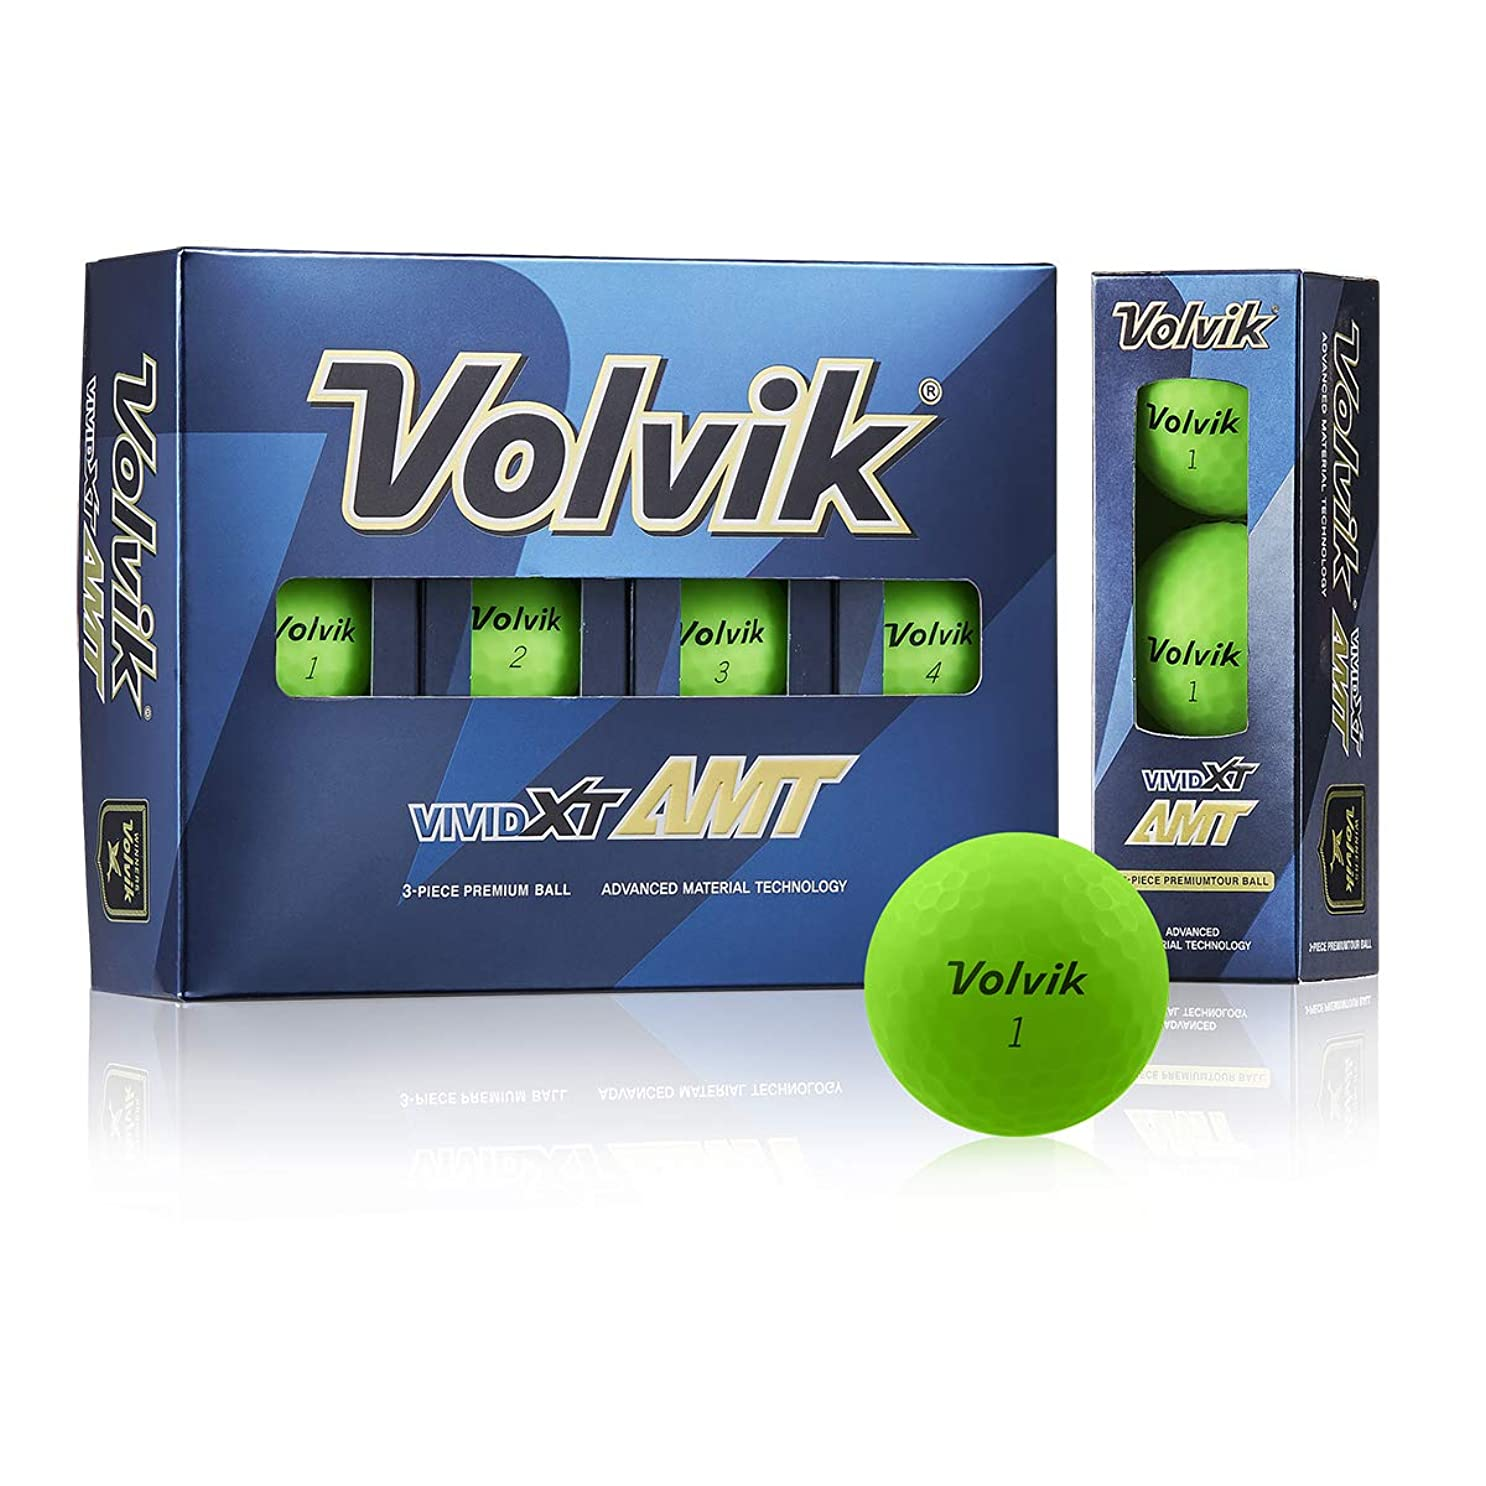 もし塗抹Volvik(ボルビック) ゴルフボール VIVID XT AMT ゴルフボール(1ダース) グリーン